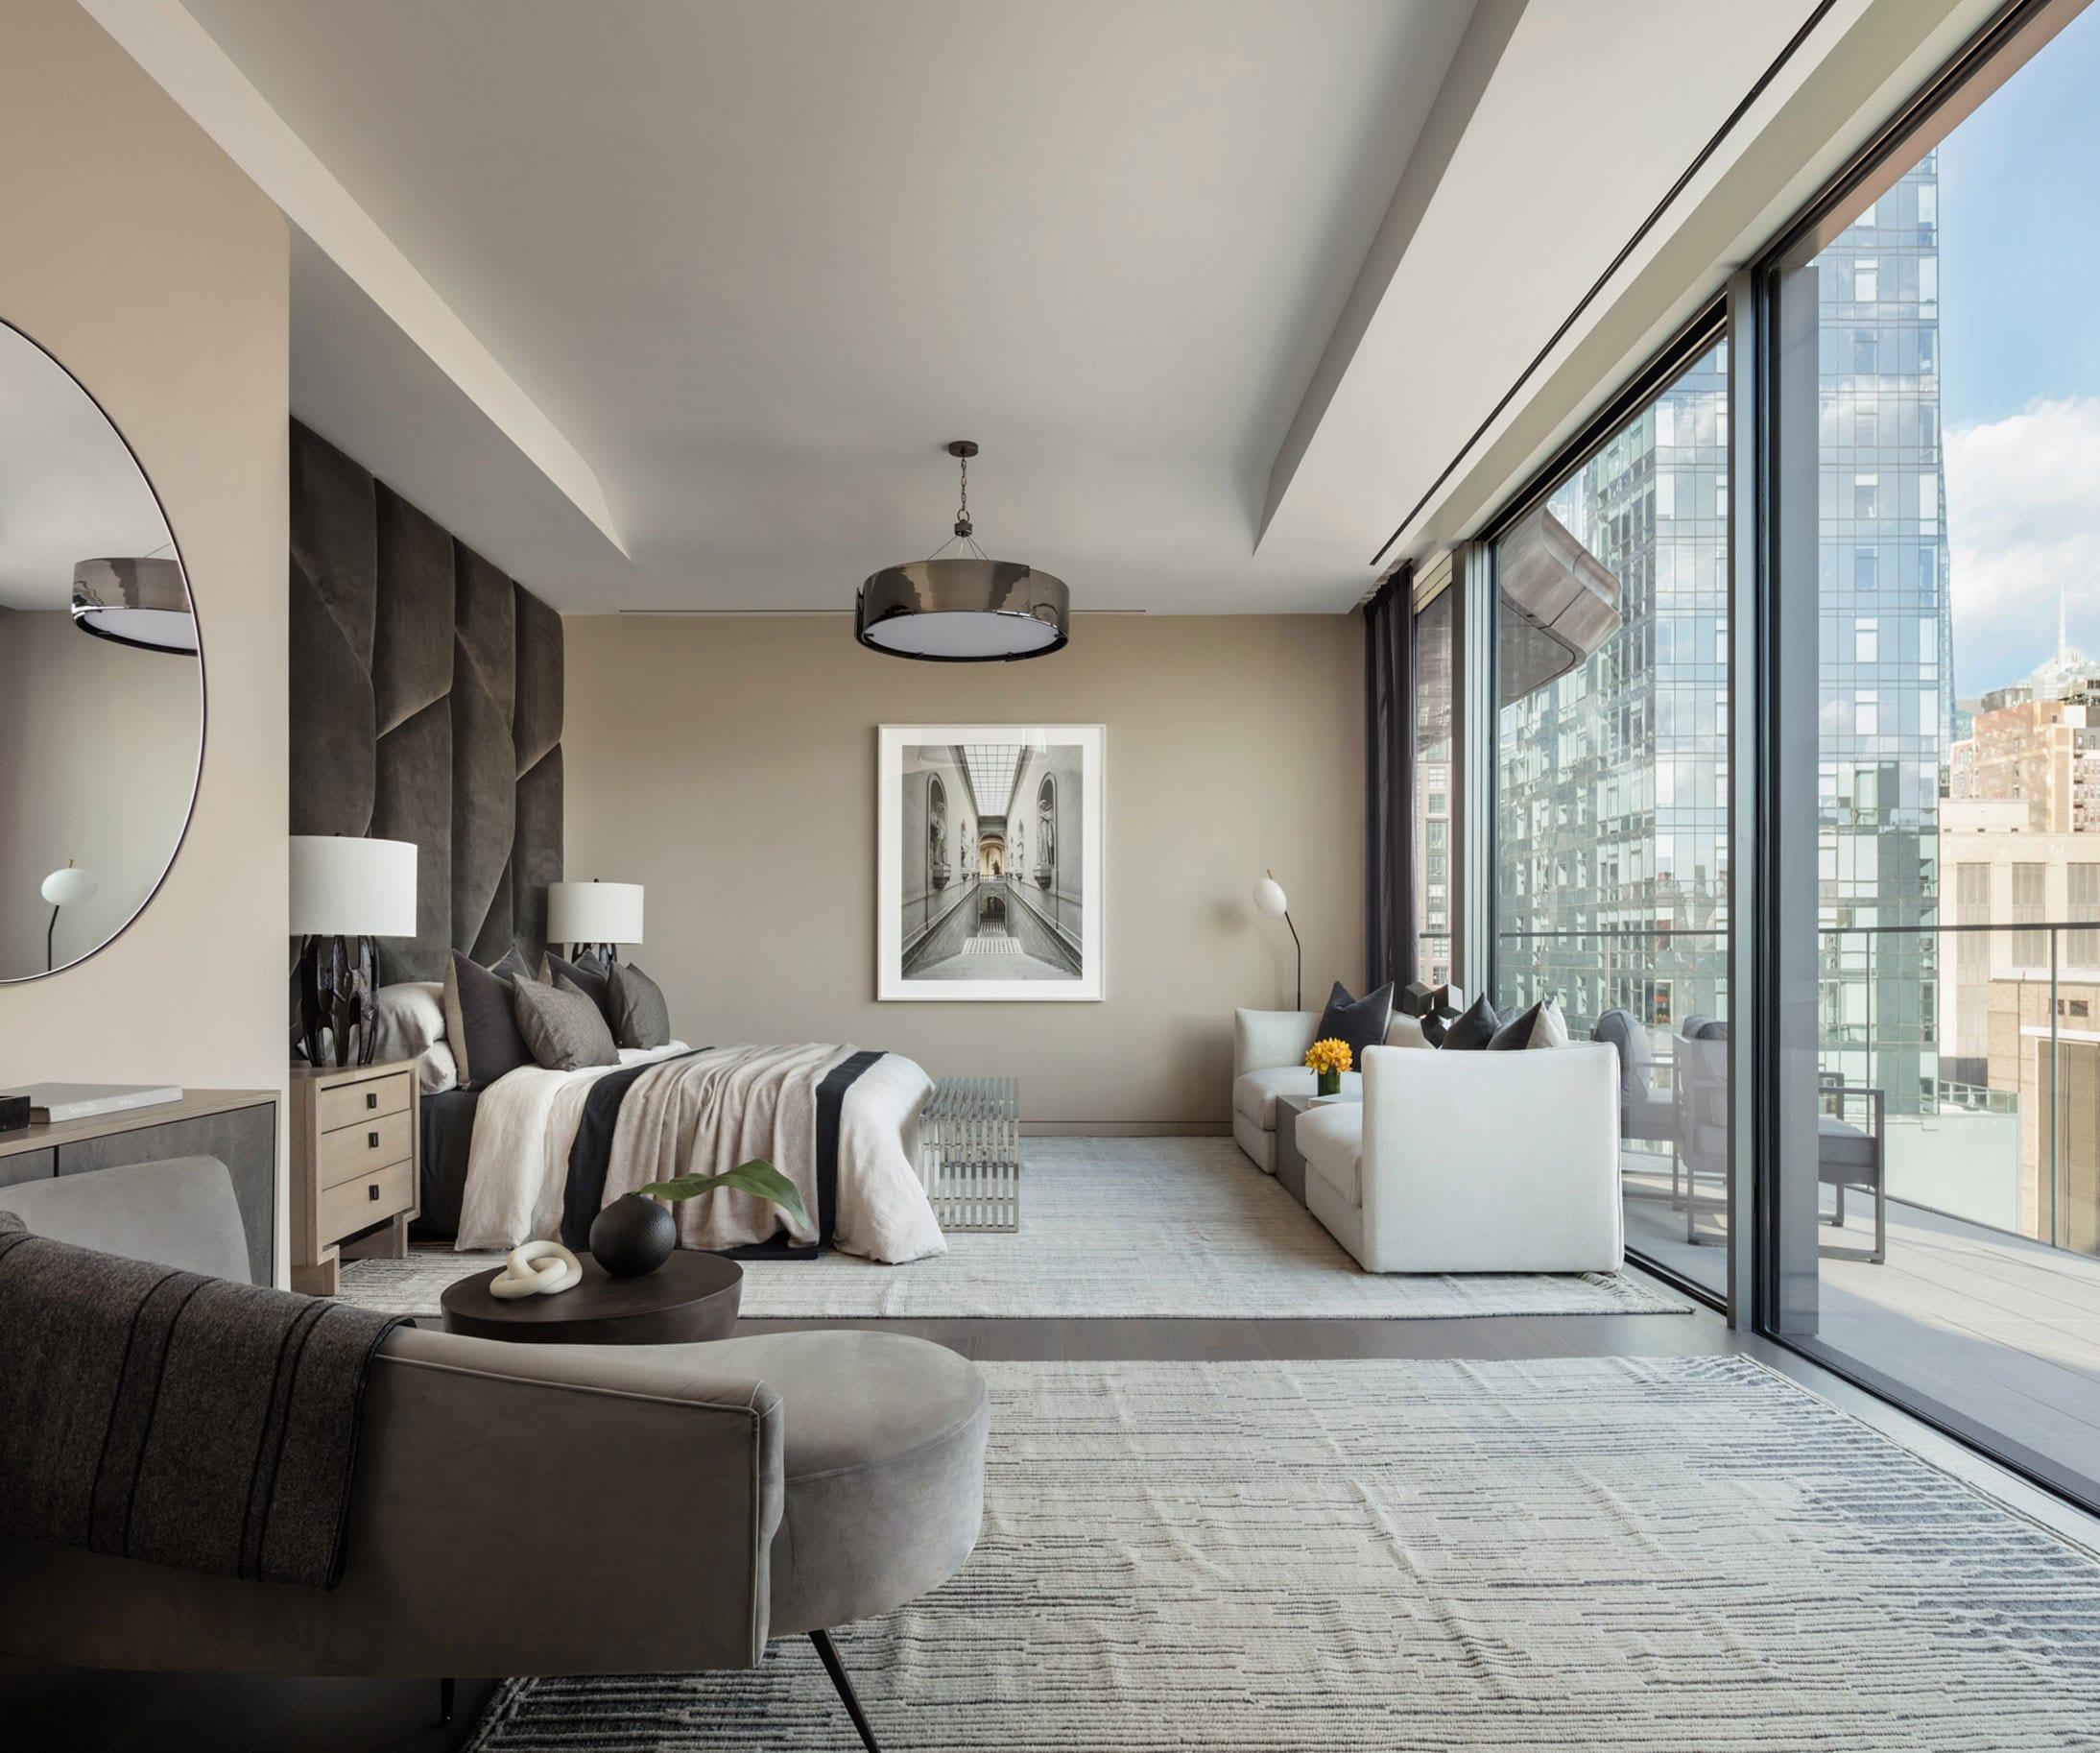 farbgestaltung schlafzimmer in beige und braun_moderne schlafzimmereinrichtung mit weißen teppichen auf dunklem holzboden, designersofa gerundet mit rundem beistelltisch, polsterbettkopfteil braun, holzsideboard mit rundem wandspiegel